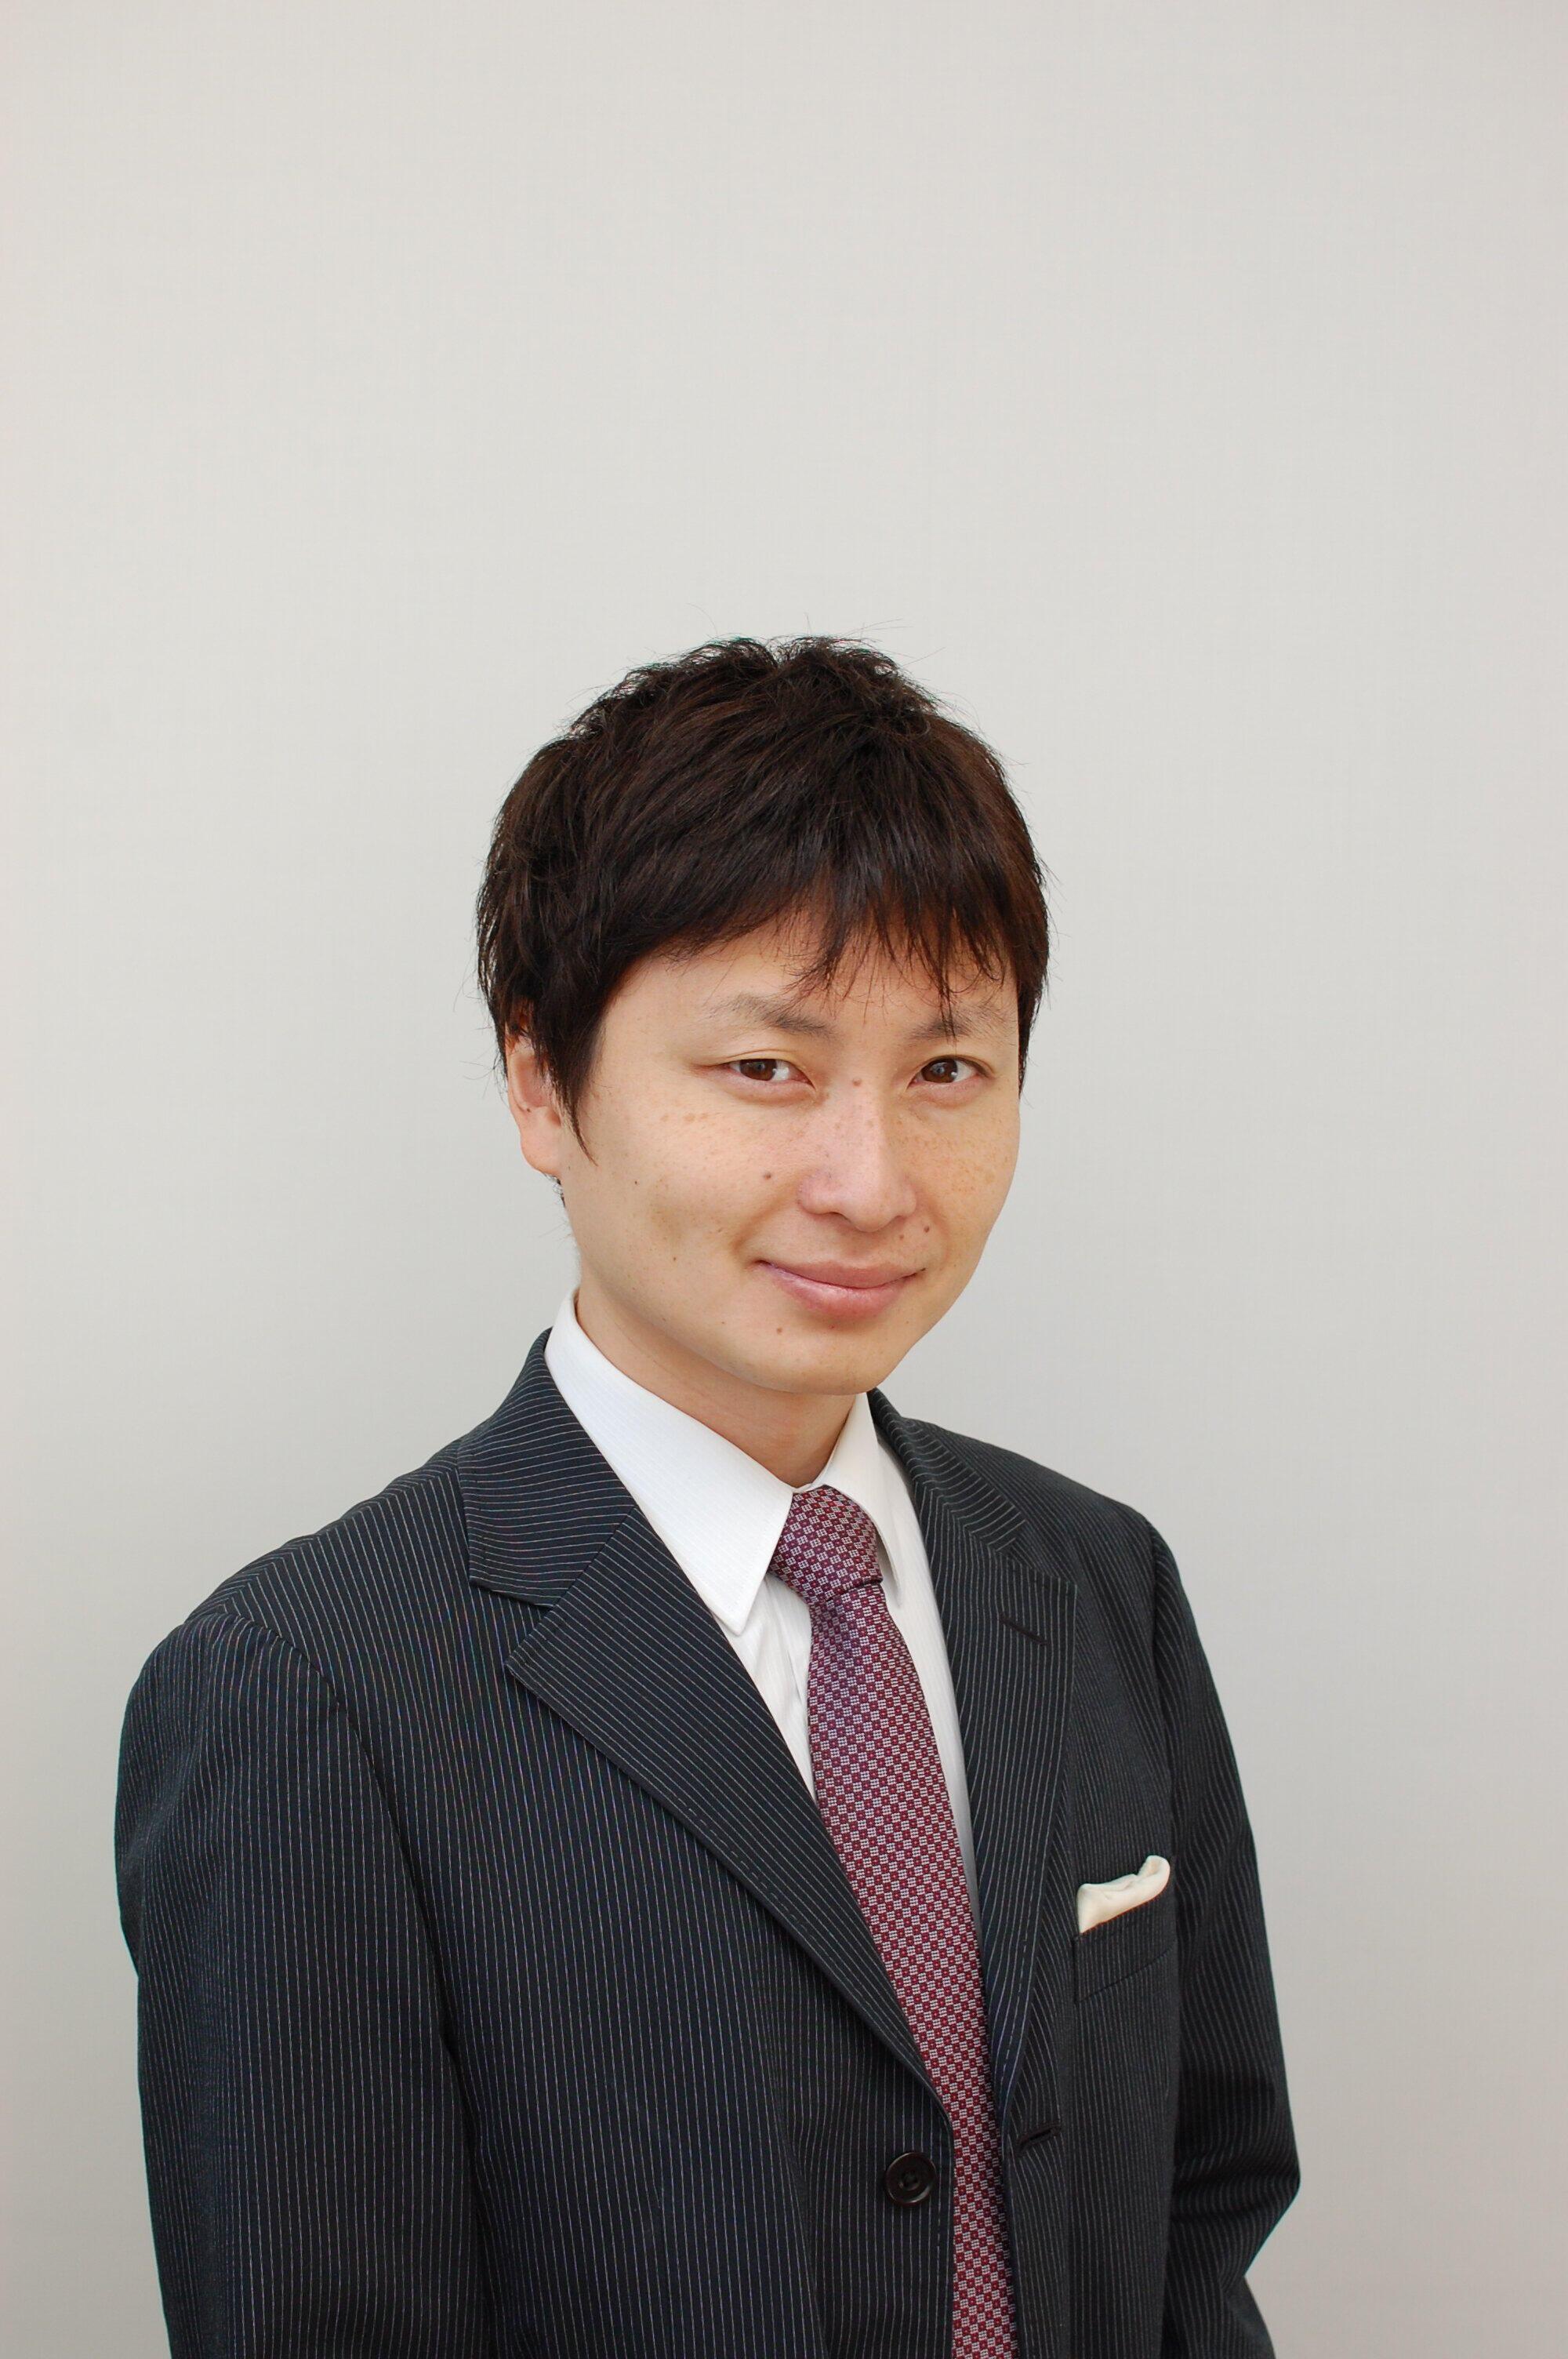 ポイ探の菊地崇仁代表取締役